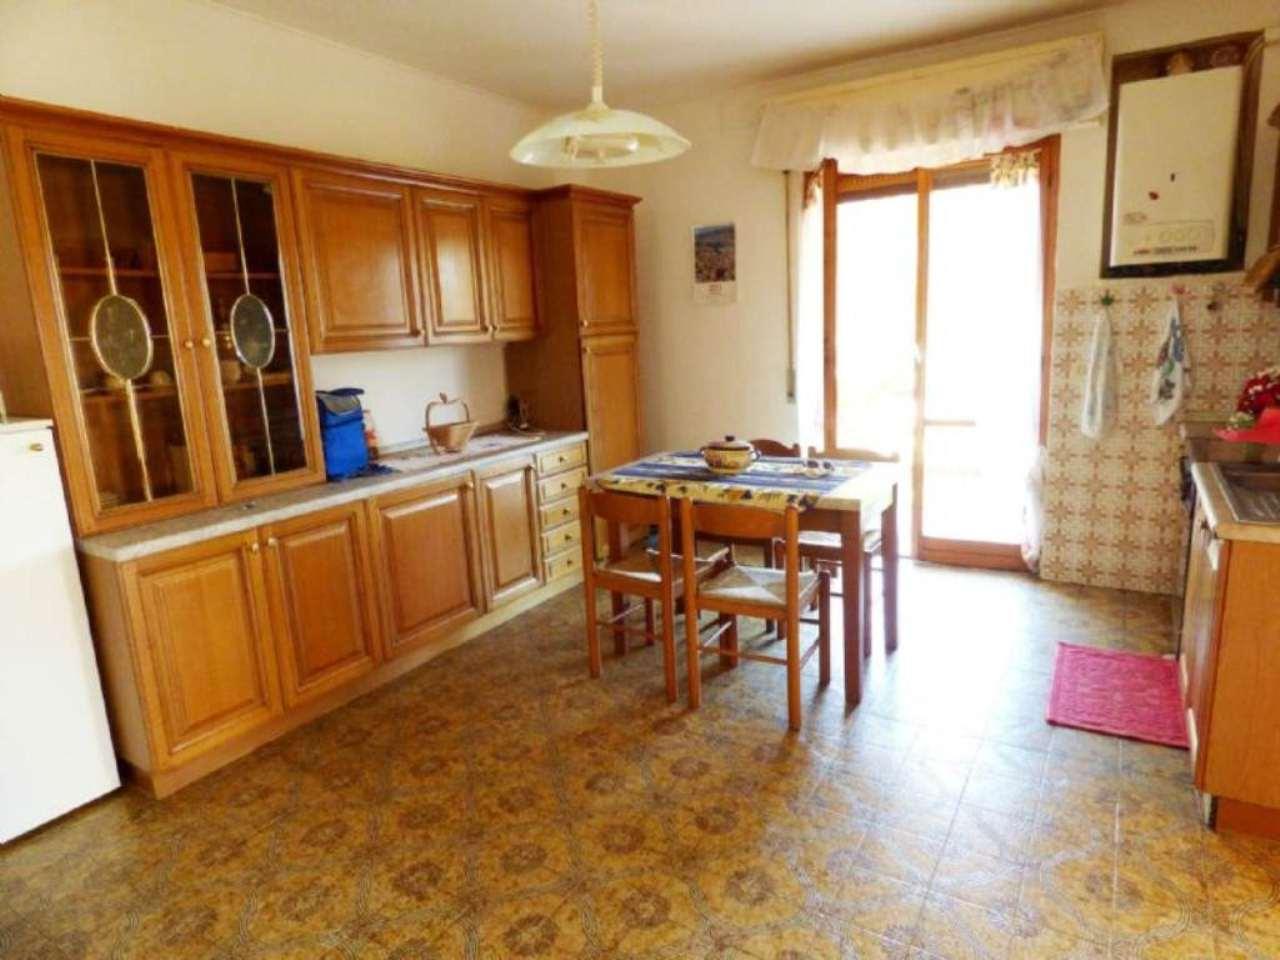 Appartamento in vendita a Moconesi, 4 locali, prezzo € 79.000 | PortaleAgenzieImmobiliari.it